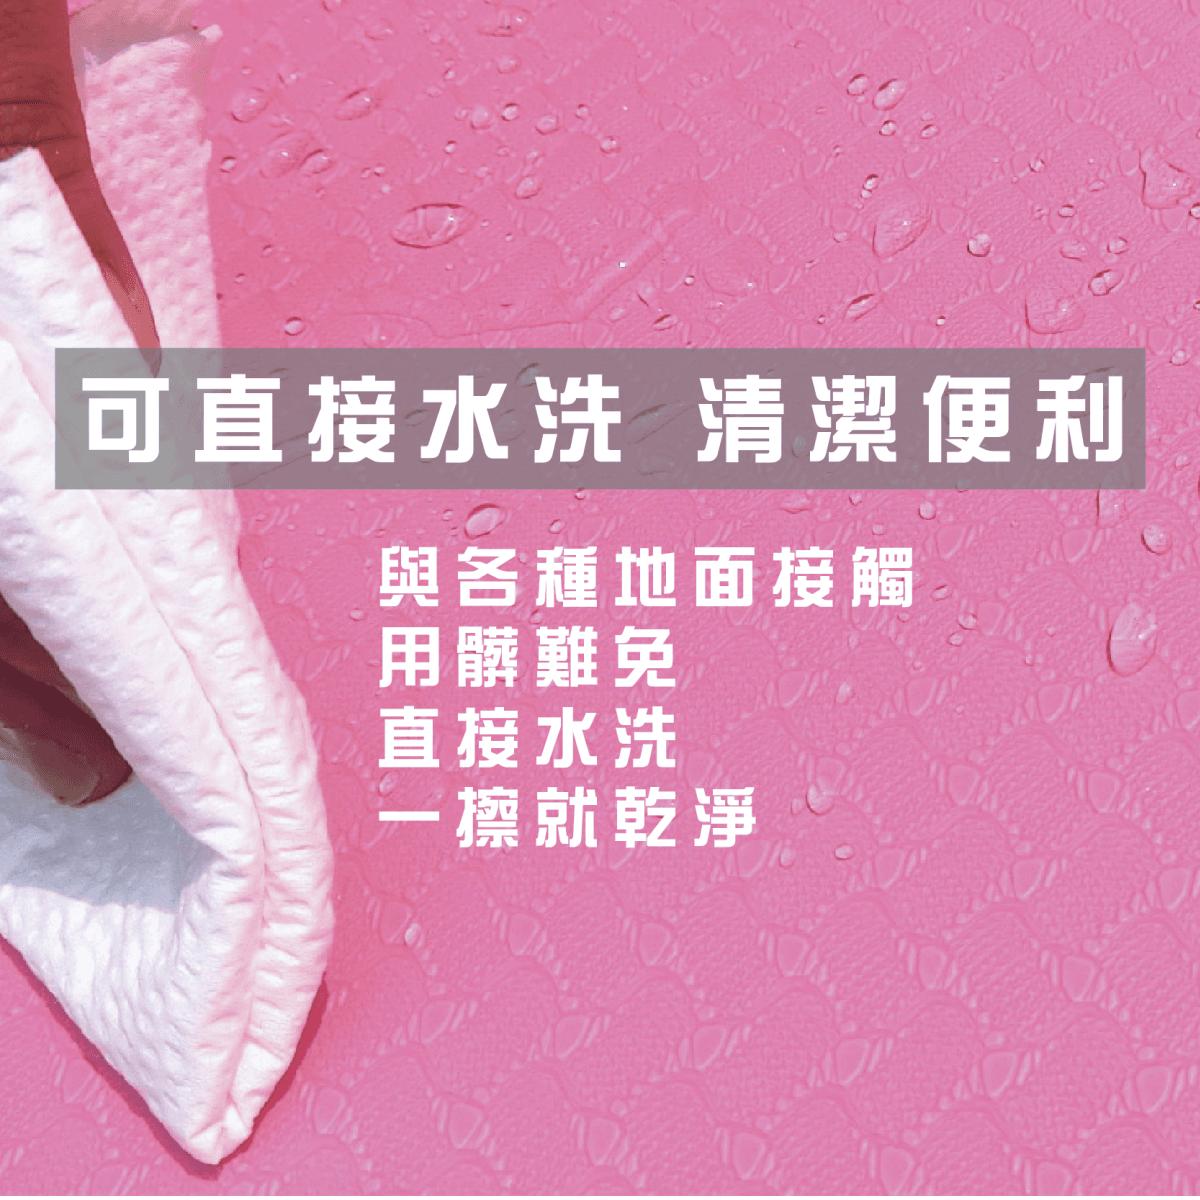 【Outrange】健身瑜珈組(瑜珈墊5mm+瑜珈防滑鋪巾) 5